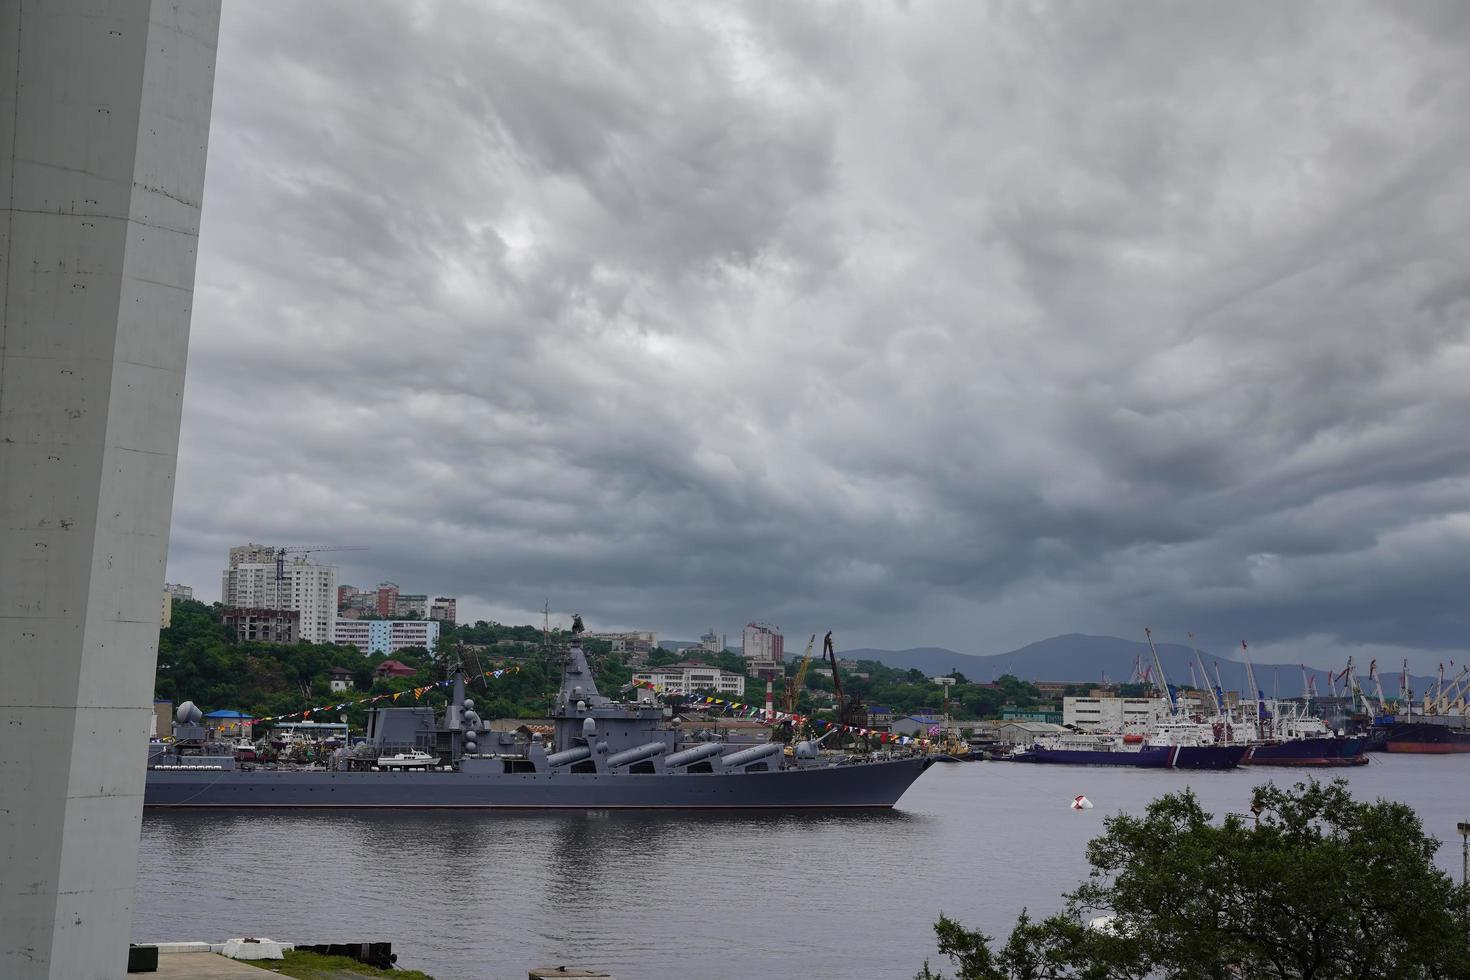 stadslandschap met uitzicht op een oorlogsschip foto